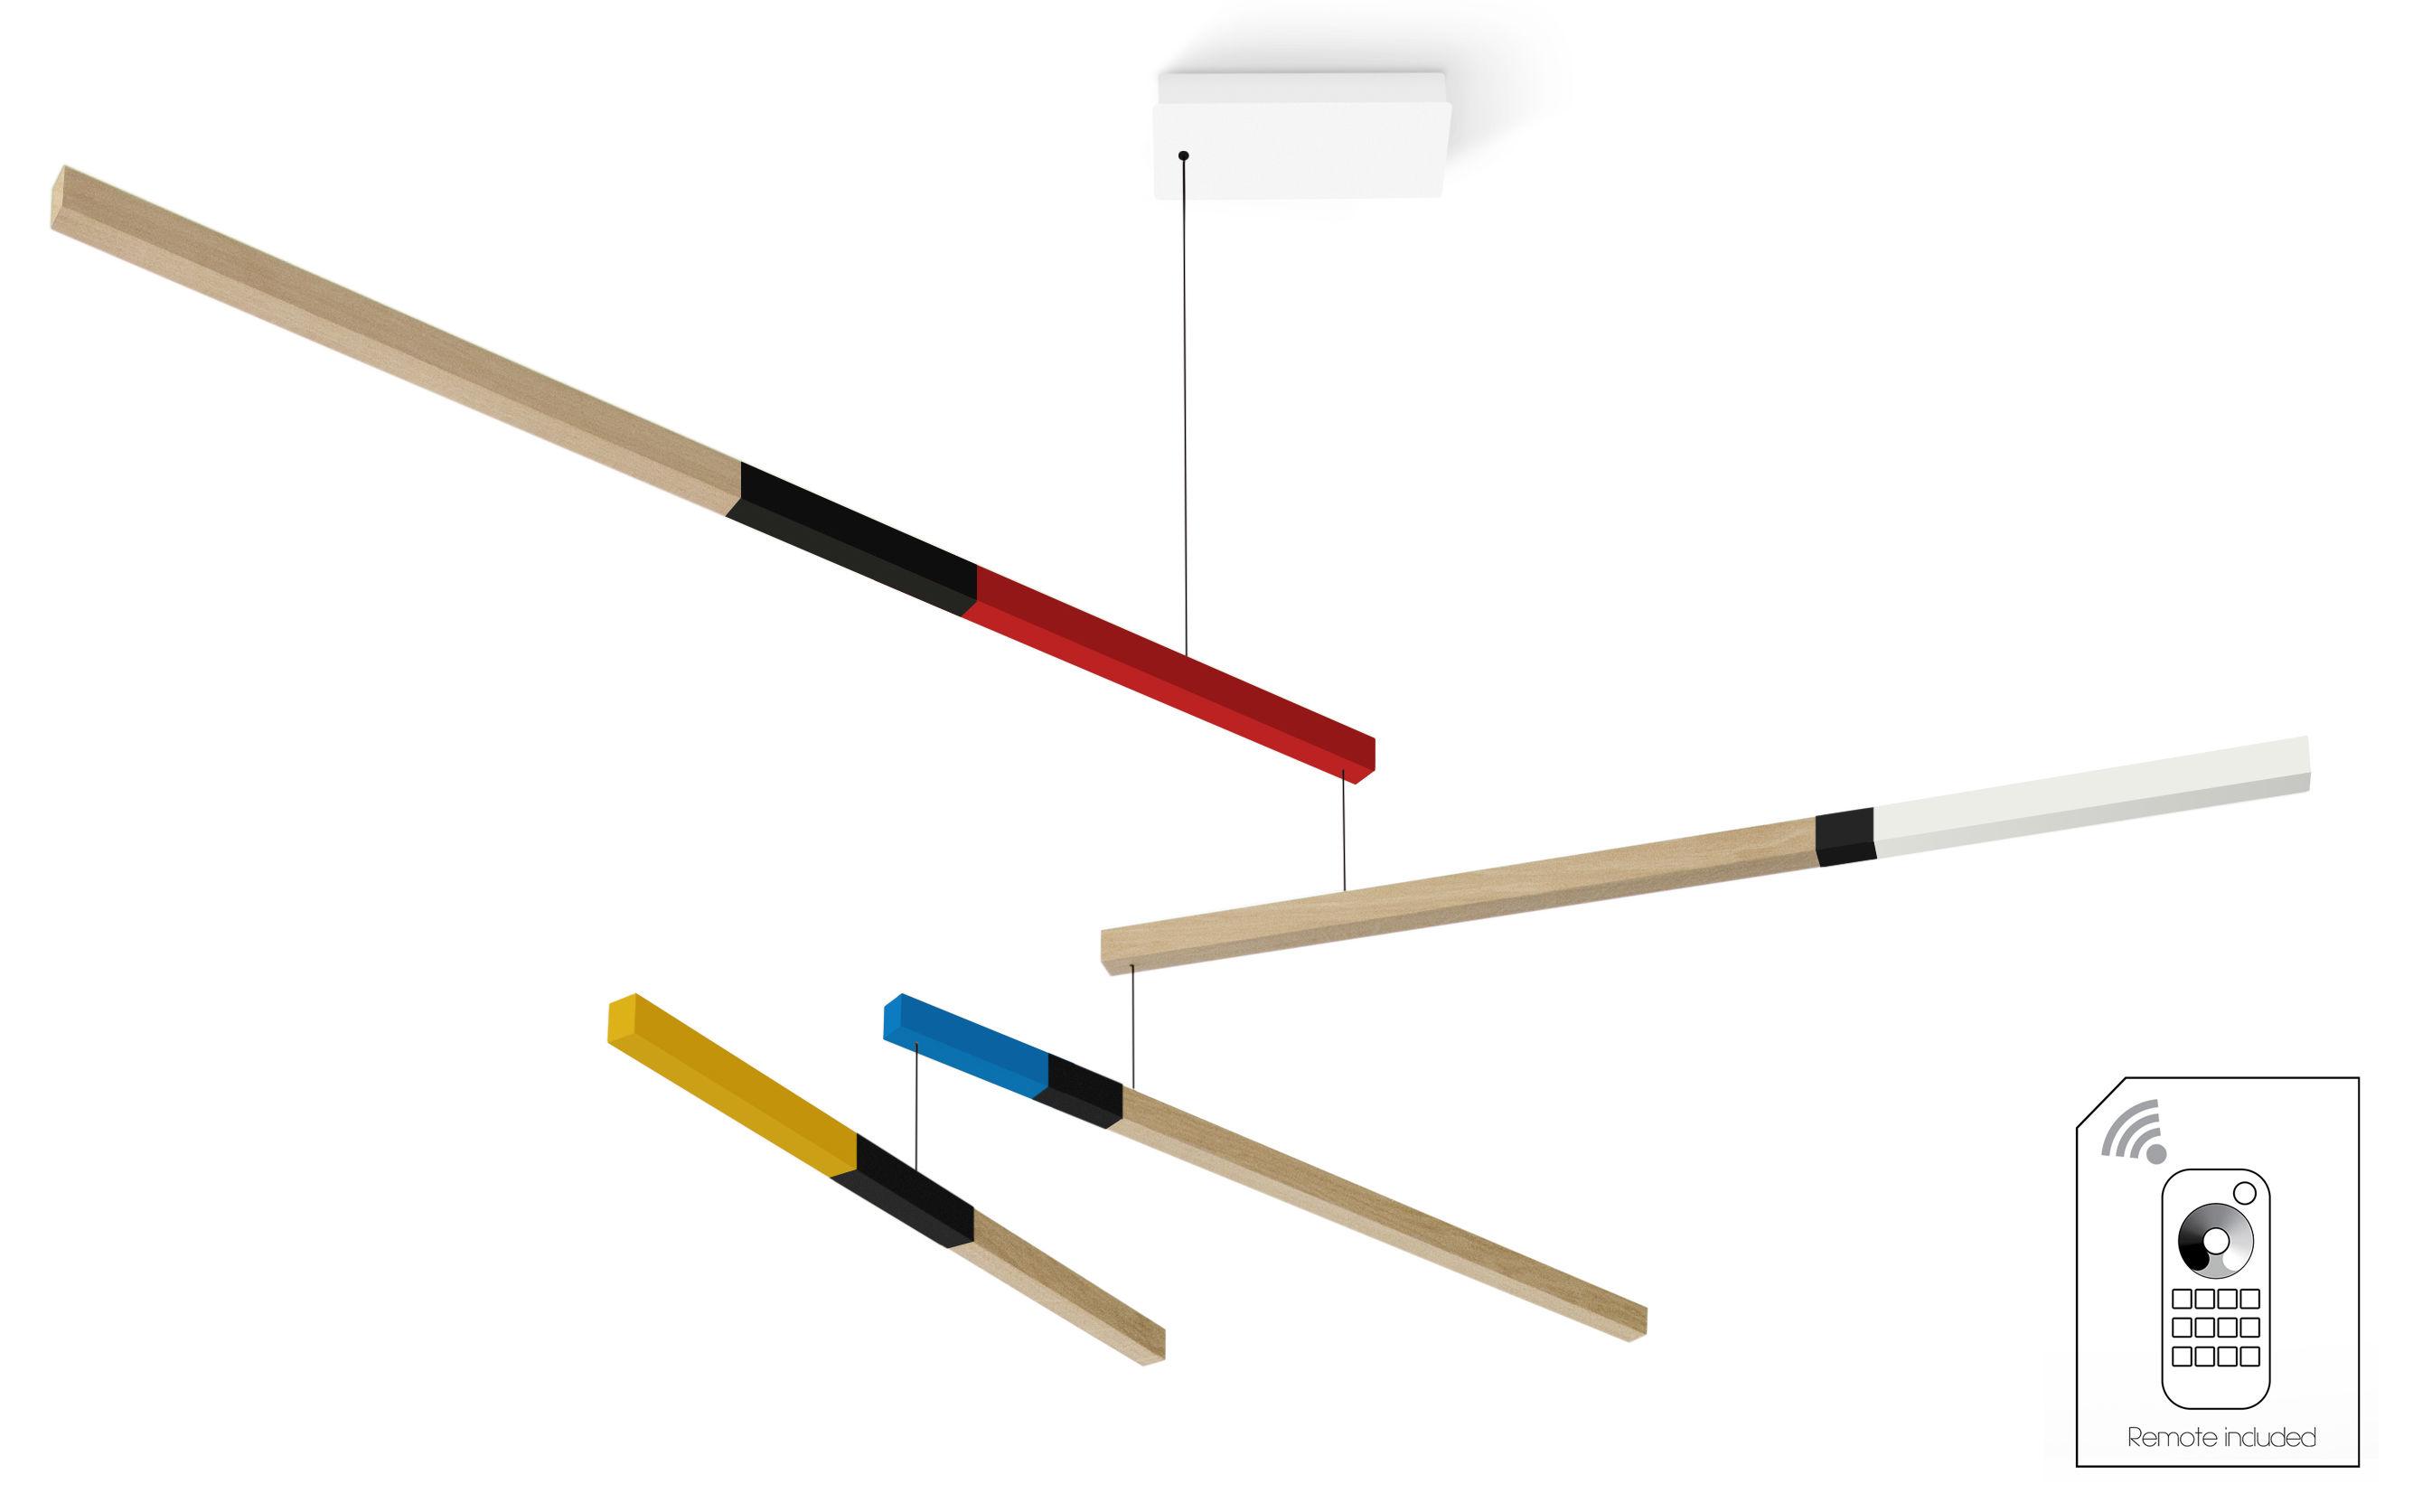 Luminaire - Suspensions - Suspension Tasso Cub Dimmable LED / Chêne - L 155 cm - Presse citron - Jaune, bleu, blanc, rouge, Noir / Bois - Chêne massif peint